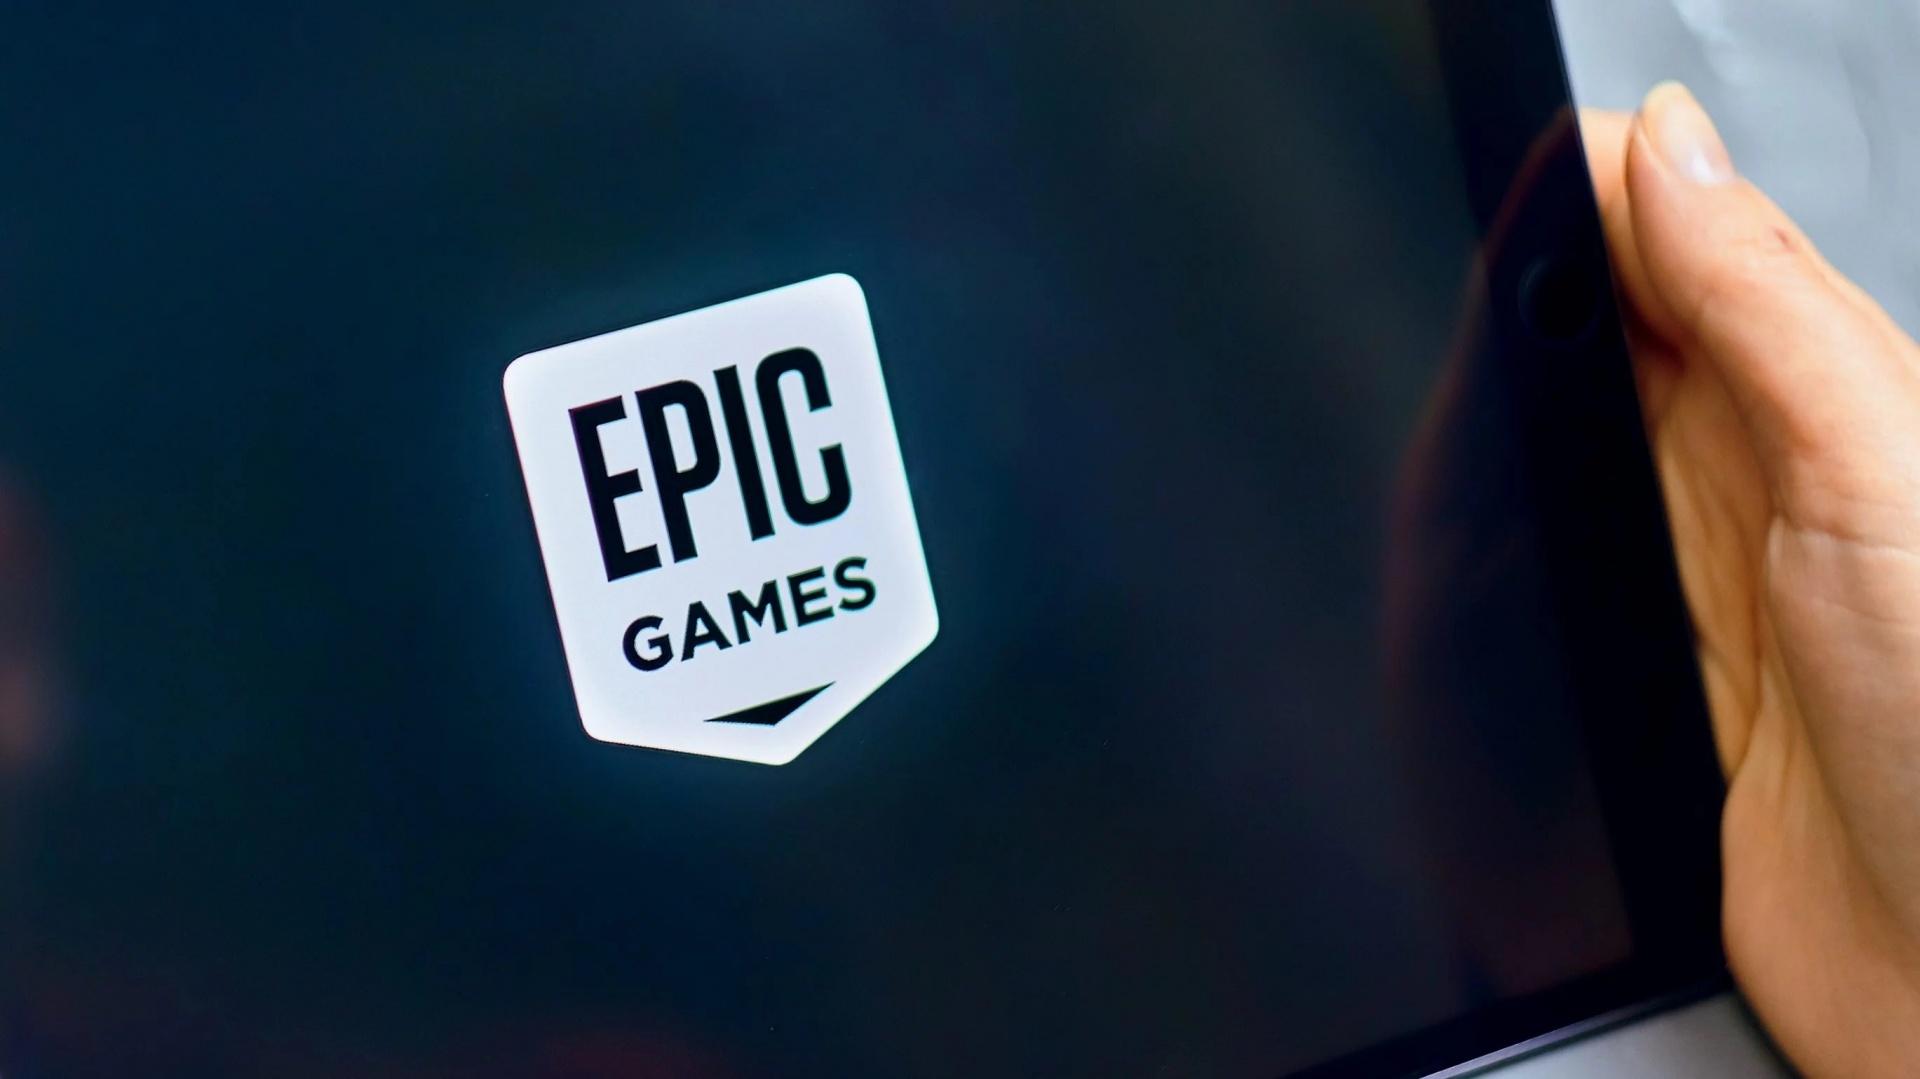 Крупное обновление Epic Games Store: сжатие патчей, сортировка игр и другое